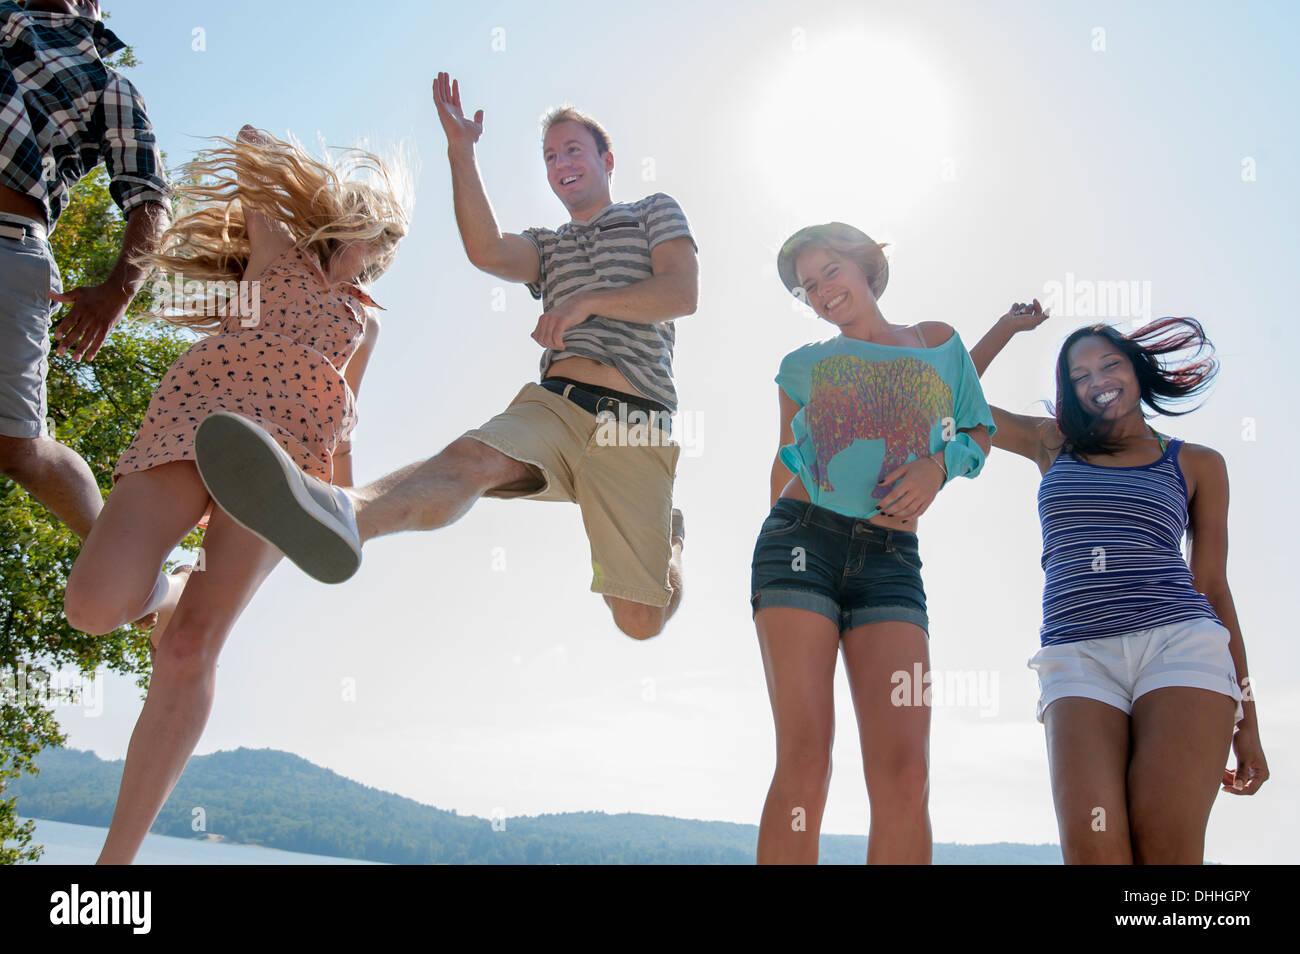 Un grupo de amigos, vistiendo ropa de verano, bajo el ángulo Imagen De Stock